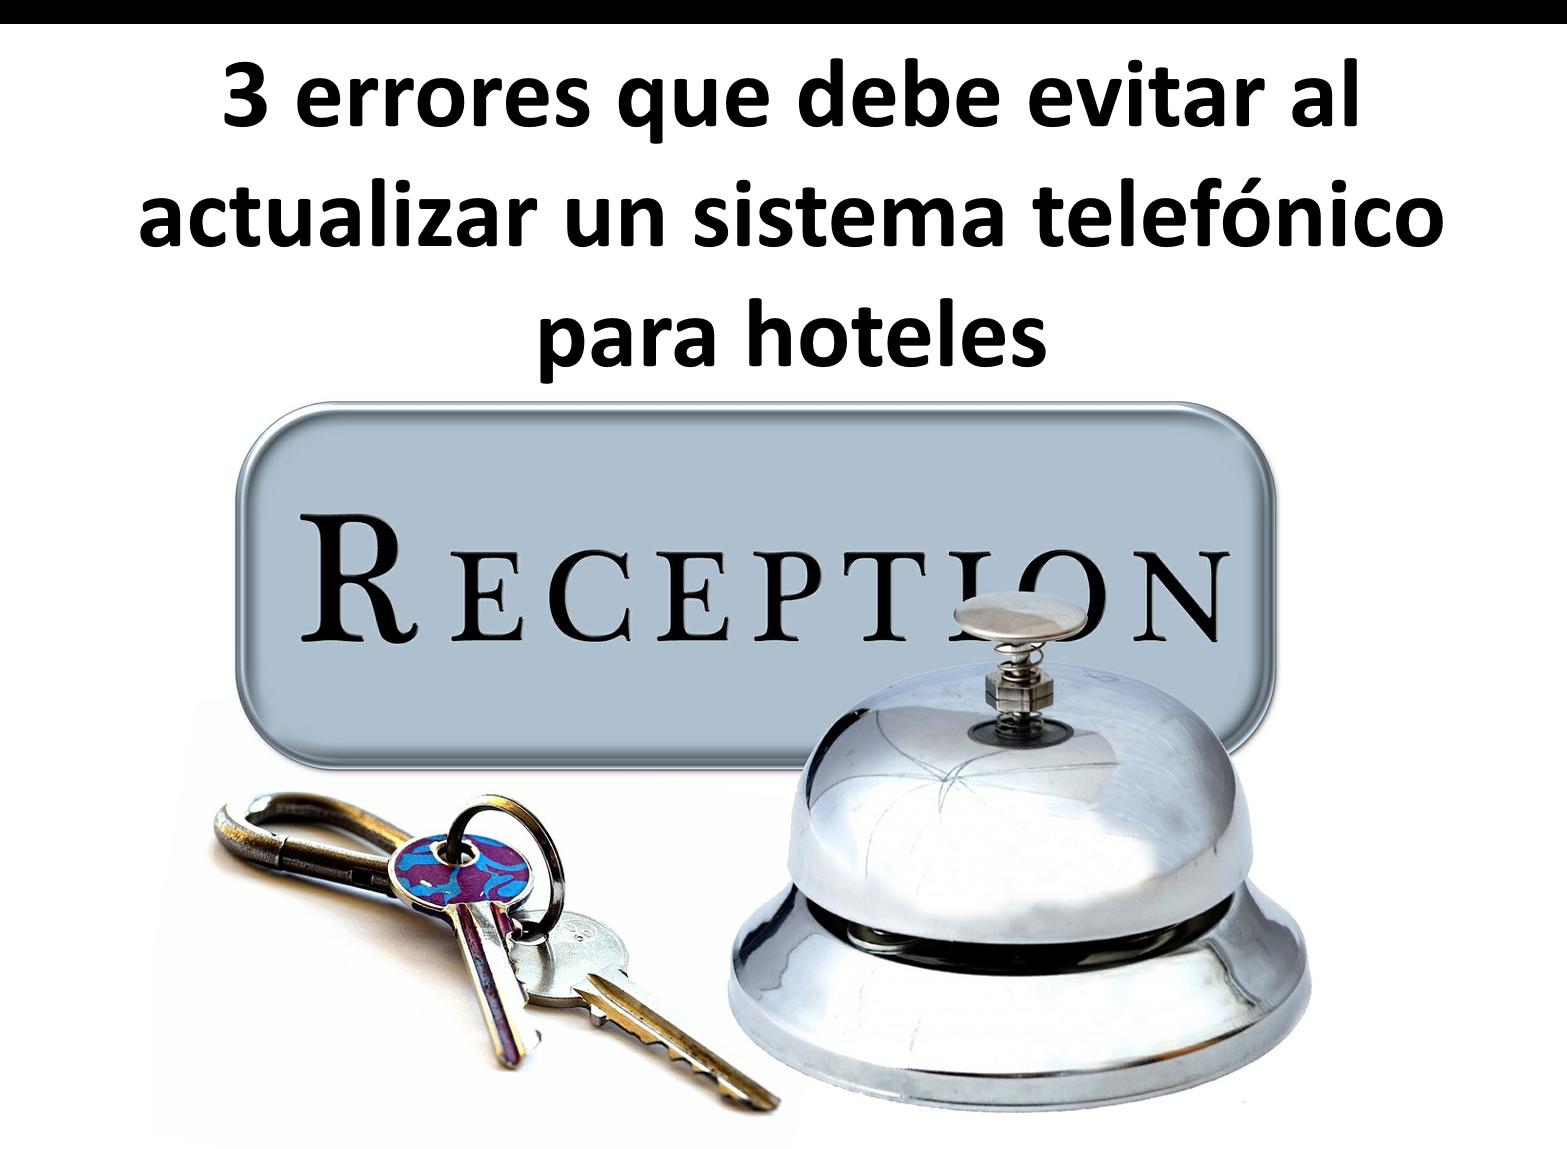 sistema telefónico para hoteles